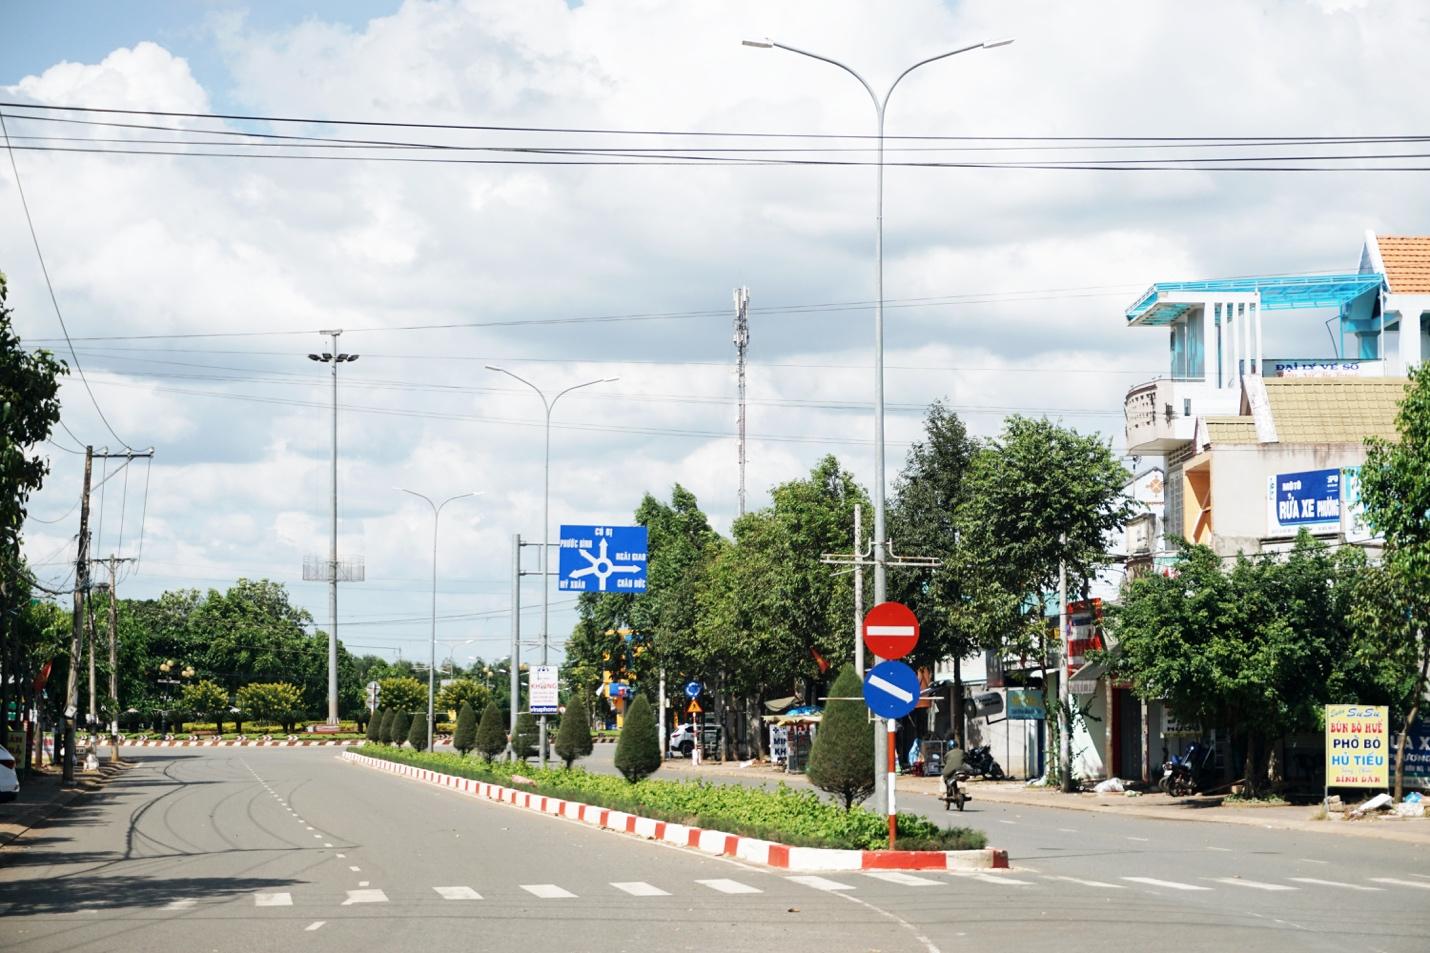 Golden Citi hấp dẫn giới đầu tư bất động sản an toàn tại Phú Mỹ - Bà Rịa